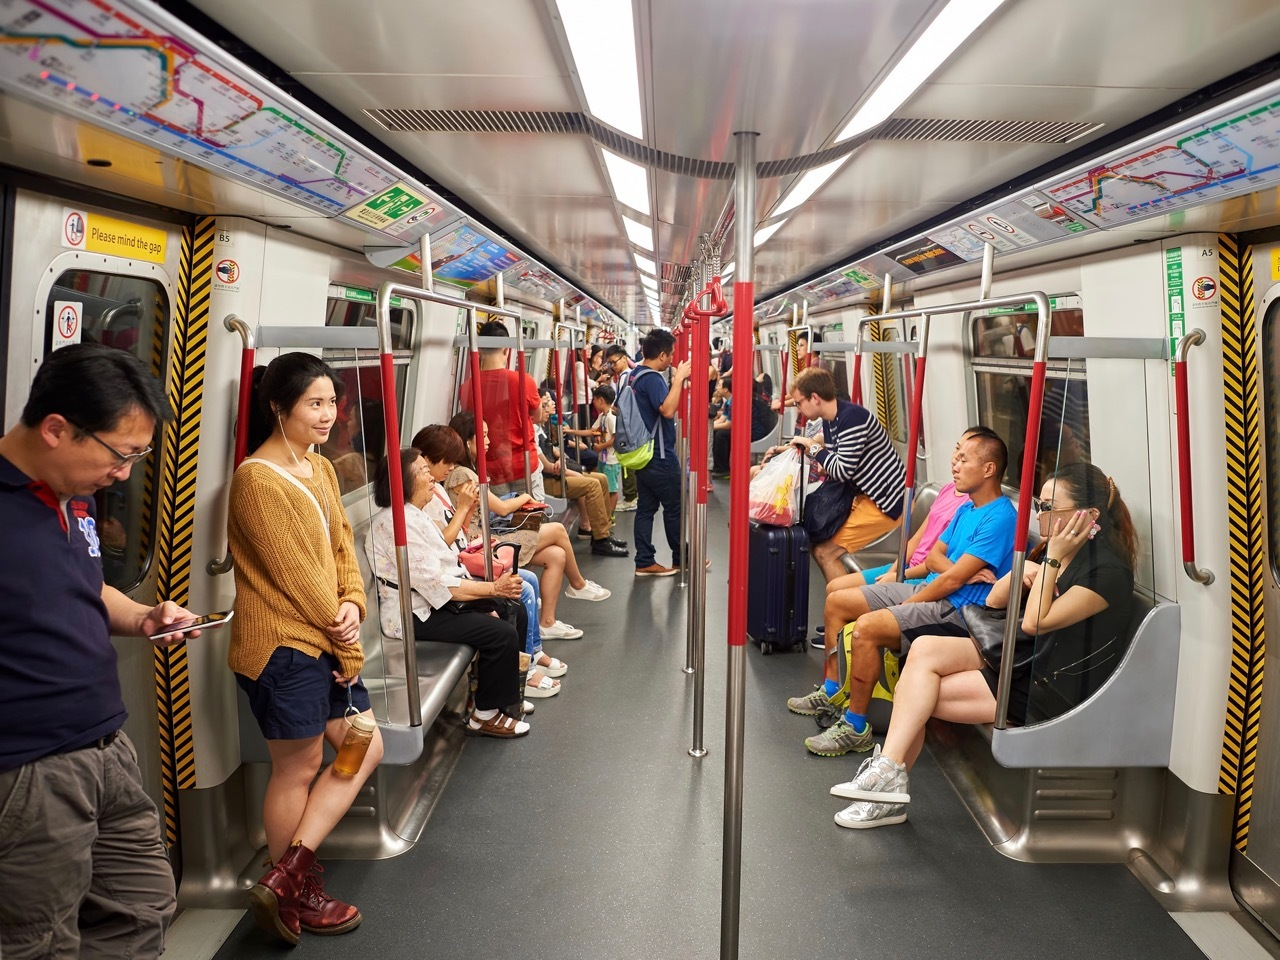 MTR train interior